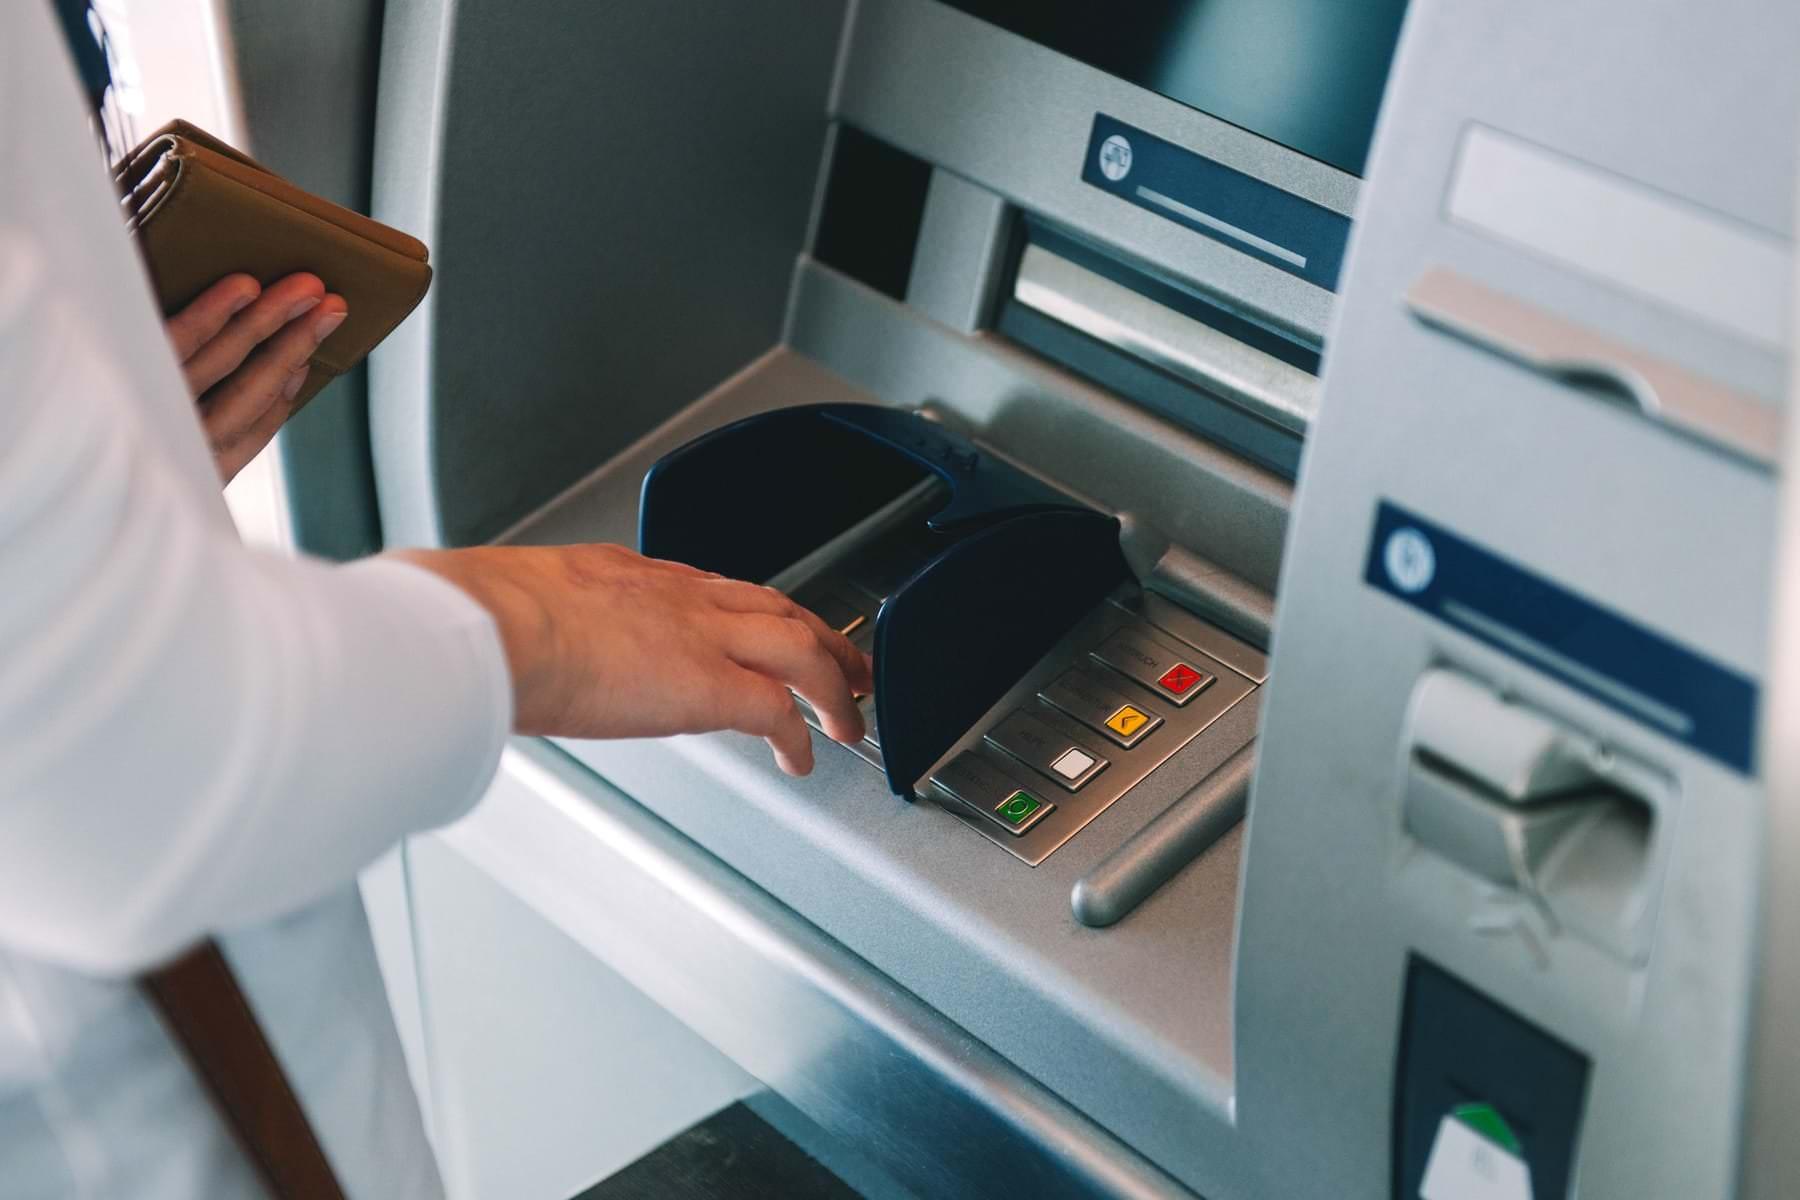 Как не потерять свои деньги при проблемах с банкоматом